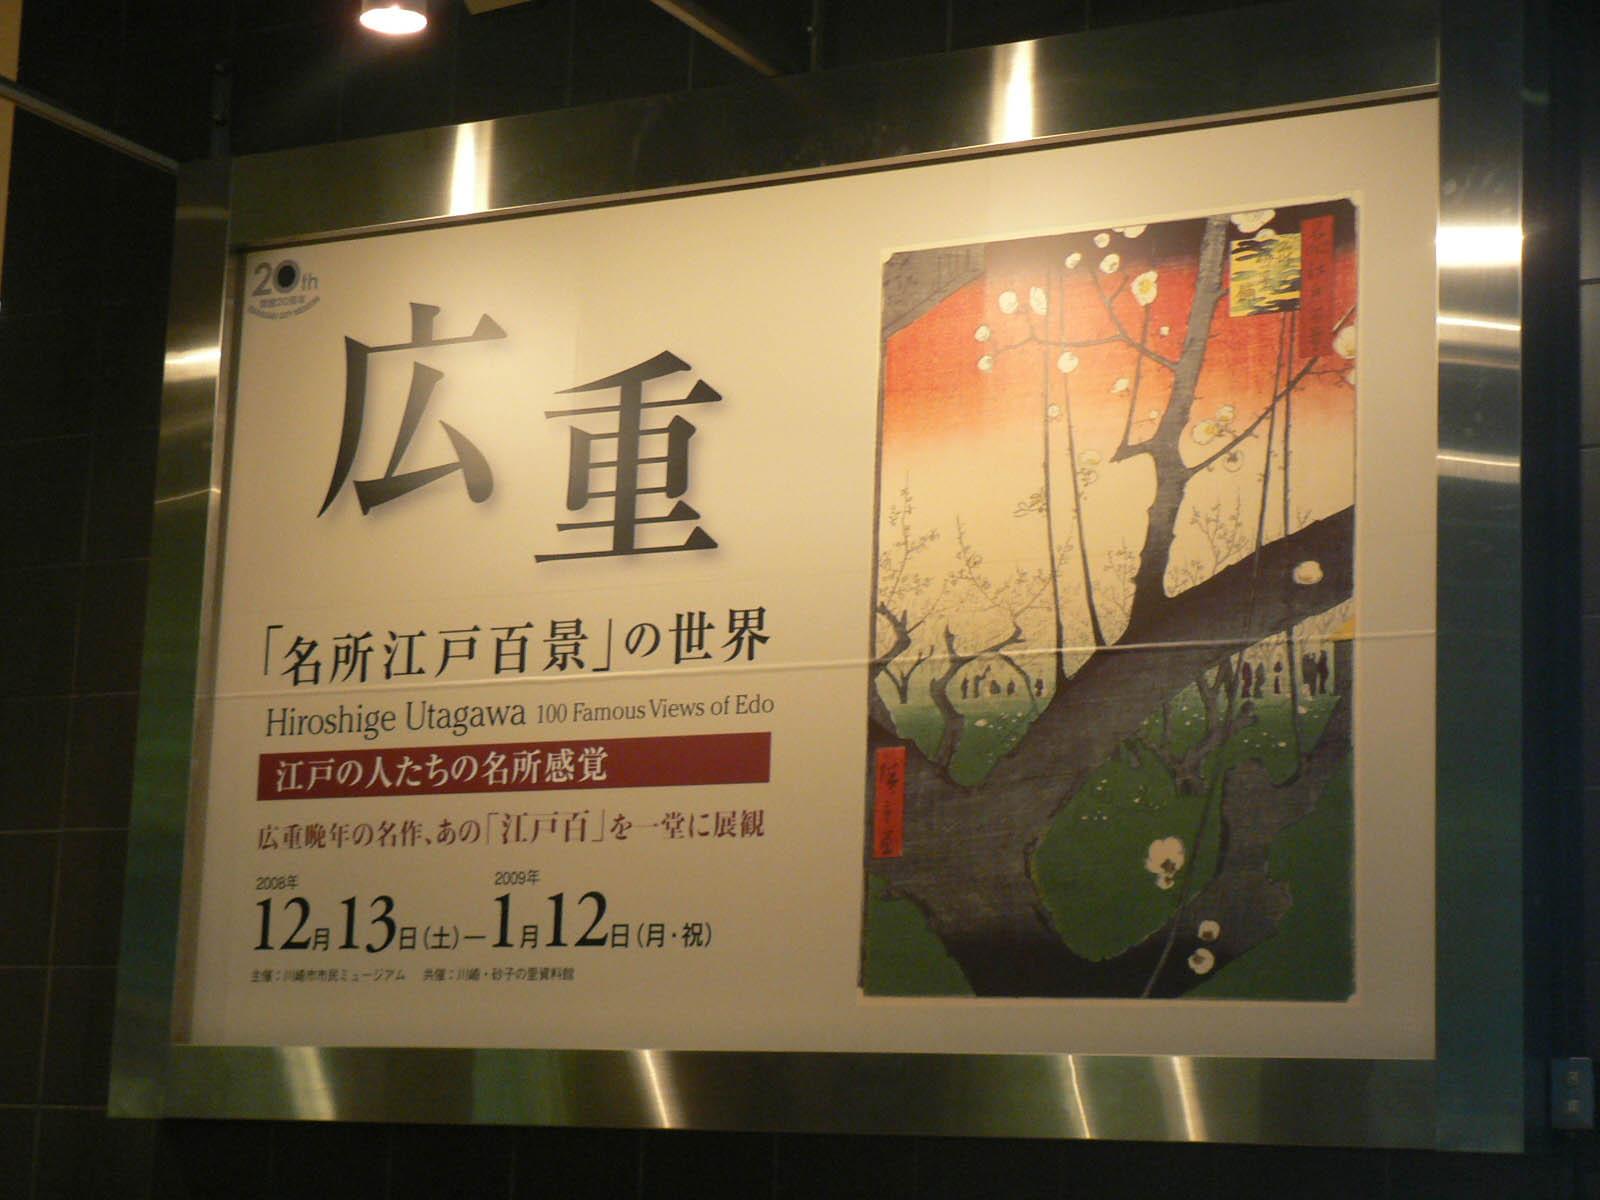 広重「名所江戸百景」の世界_e0123189_18112470.jpg